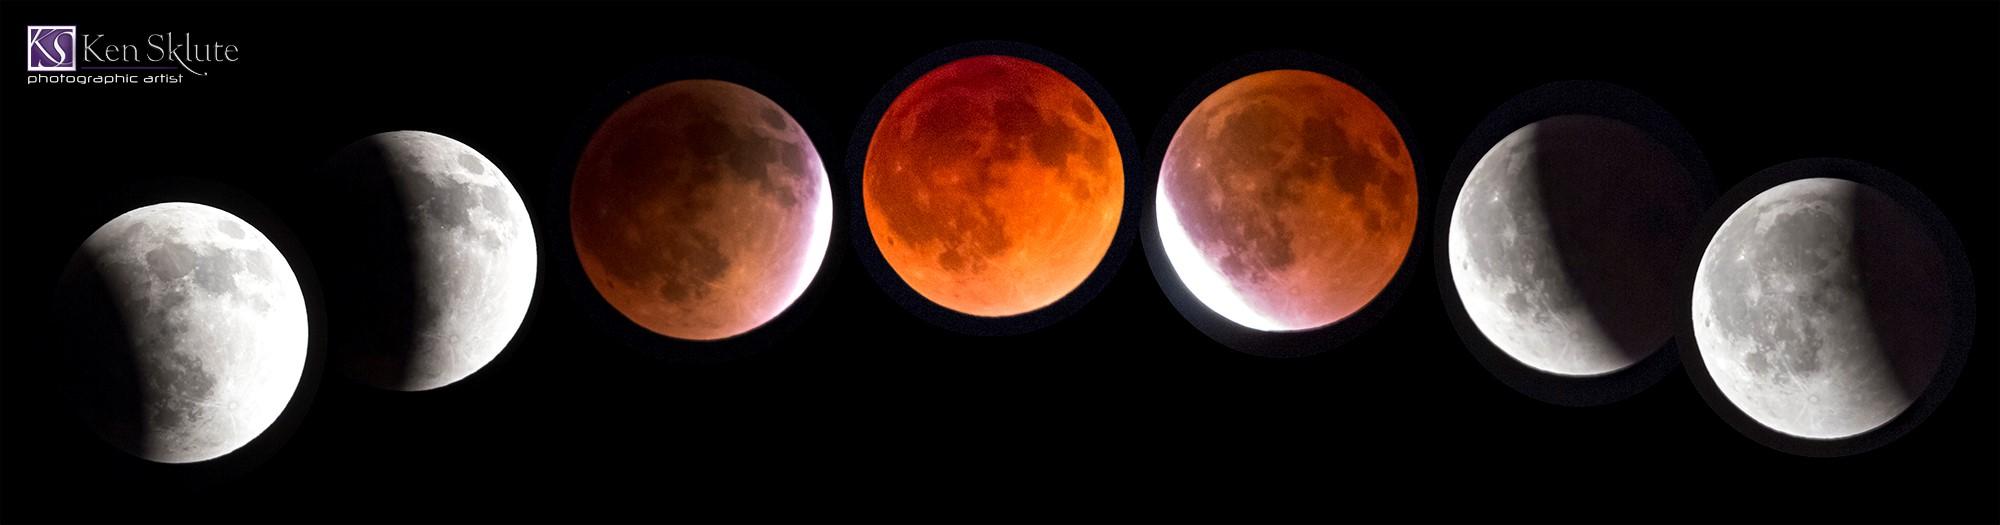 Sklute-Lunar-1.jpg